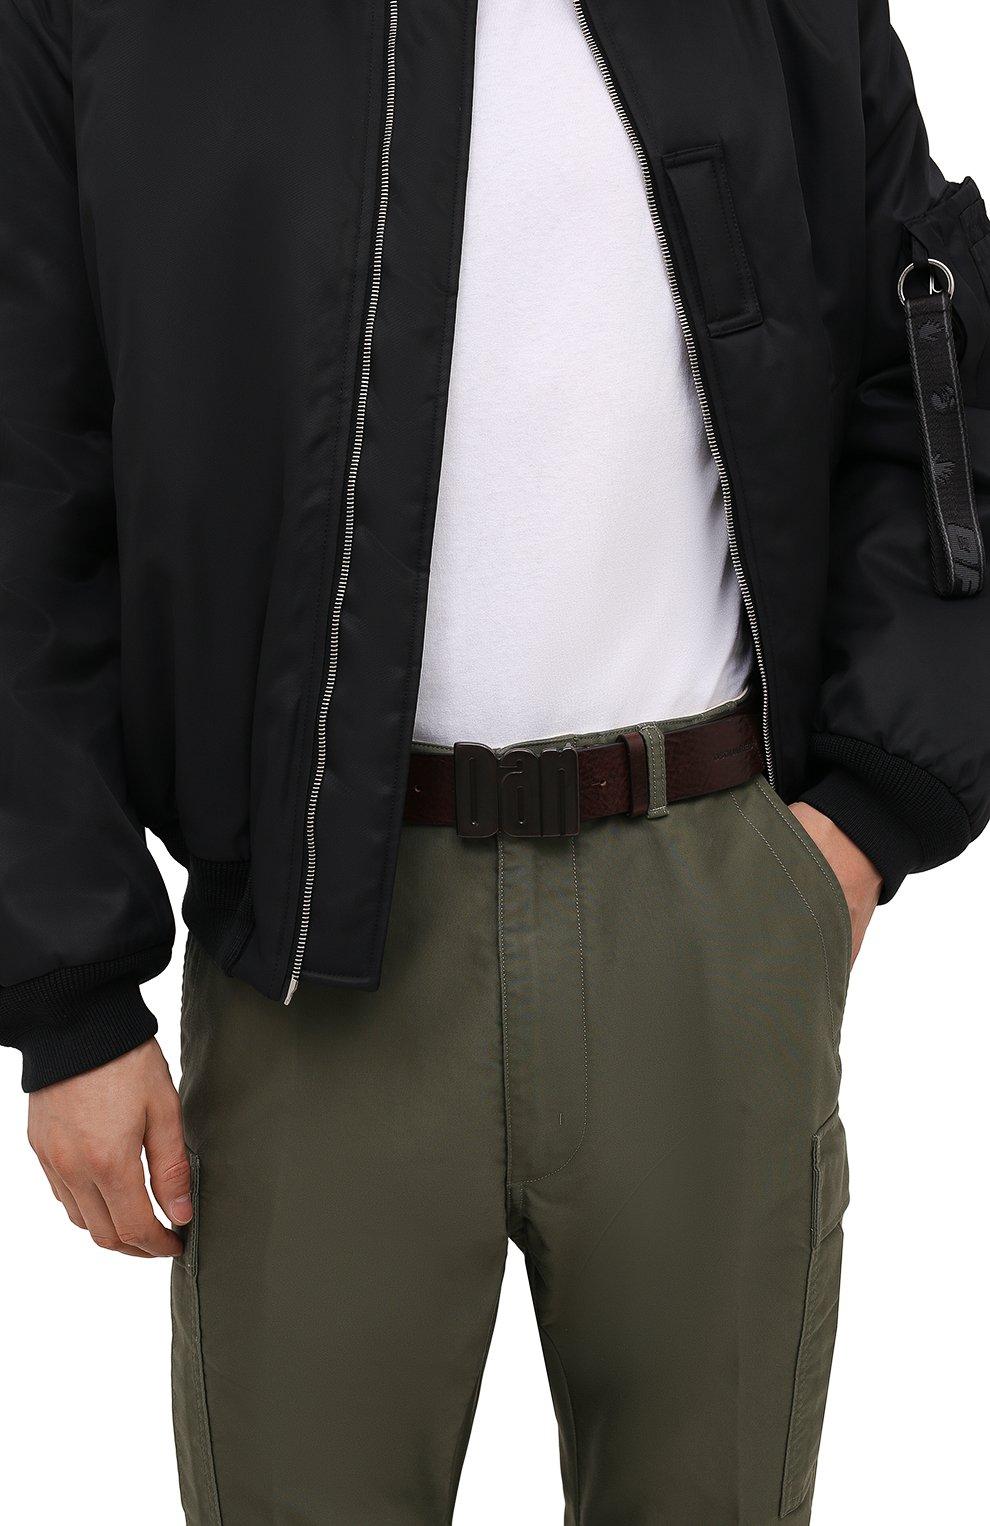 Мужской кожаный ремень DSQUARED2 темно-коричневого цвета, арт. BEM0050 20400001 | Фото 2 (Случай: Повседневный)